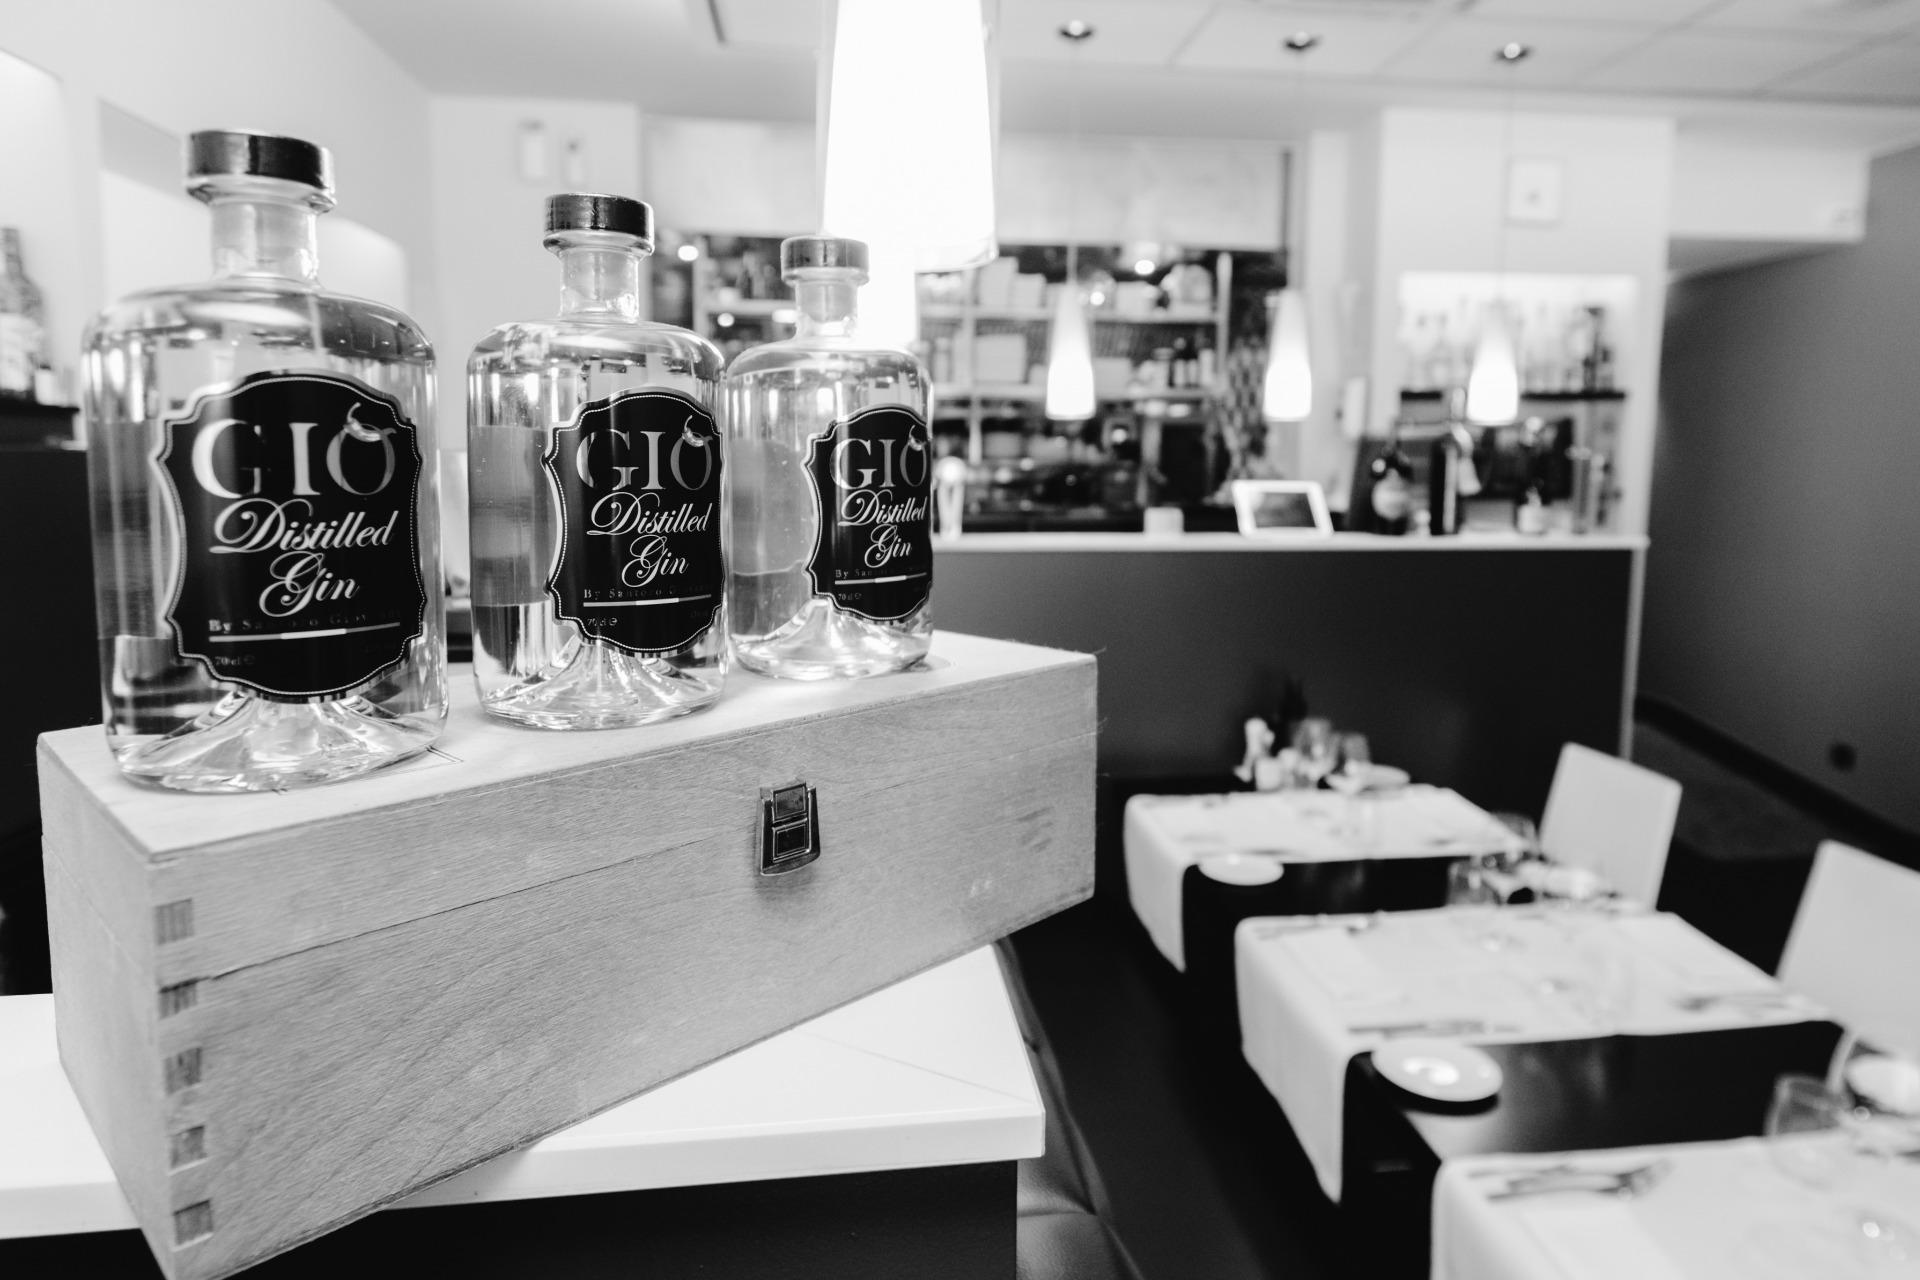 Gio's Italian Bar Gin